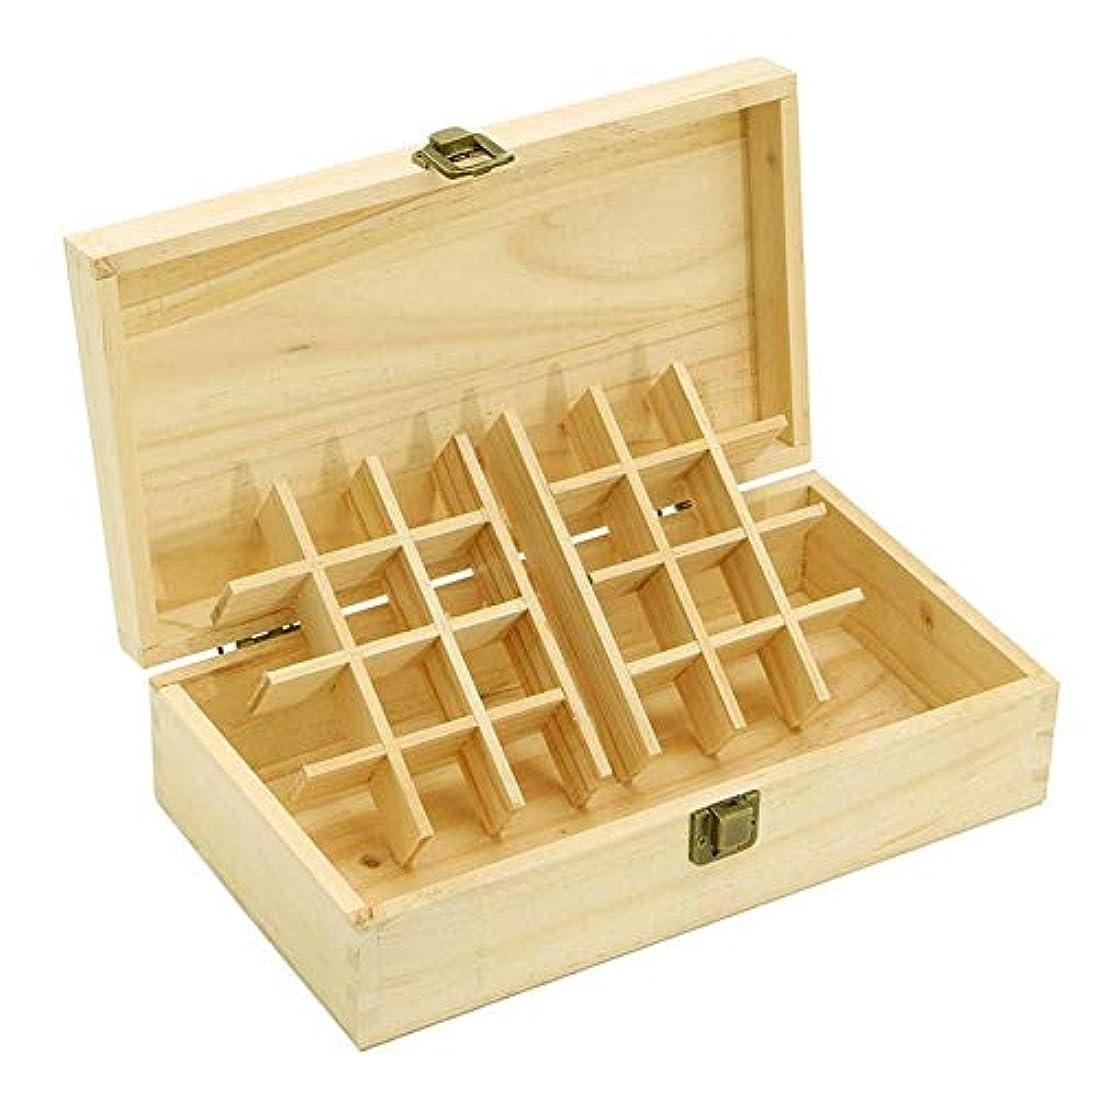 歌クリア補うエッセンシャルオイル収納ボックス 純木の精油の収納箱 香水収納ケース アロマオイル収納ボックス